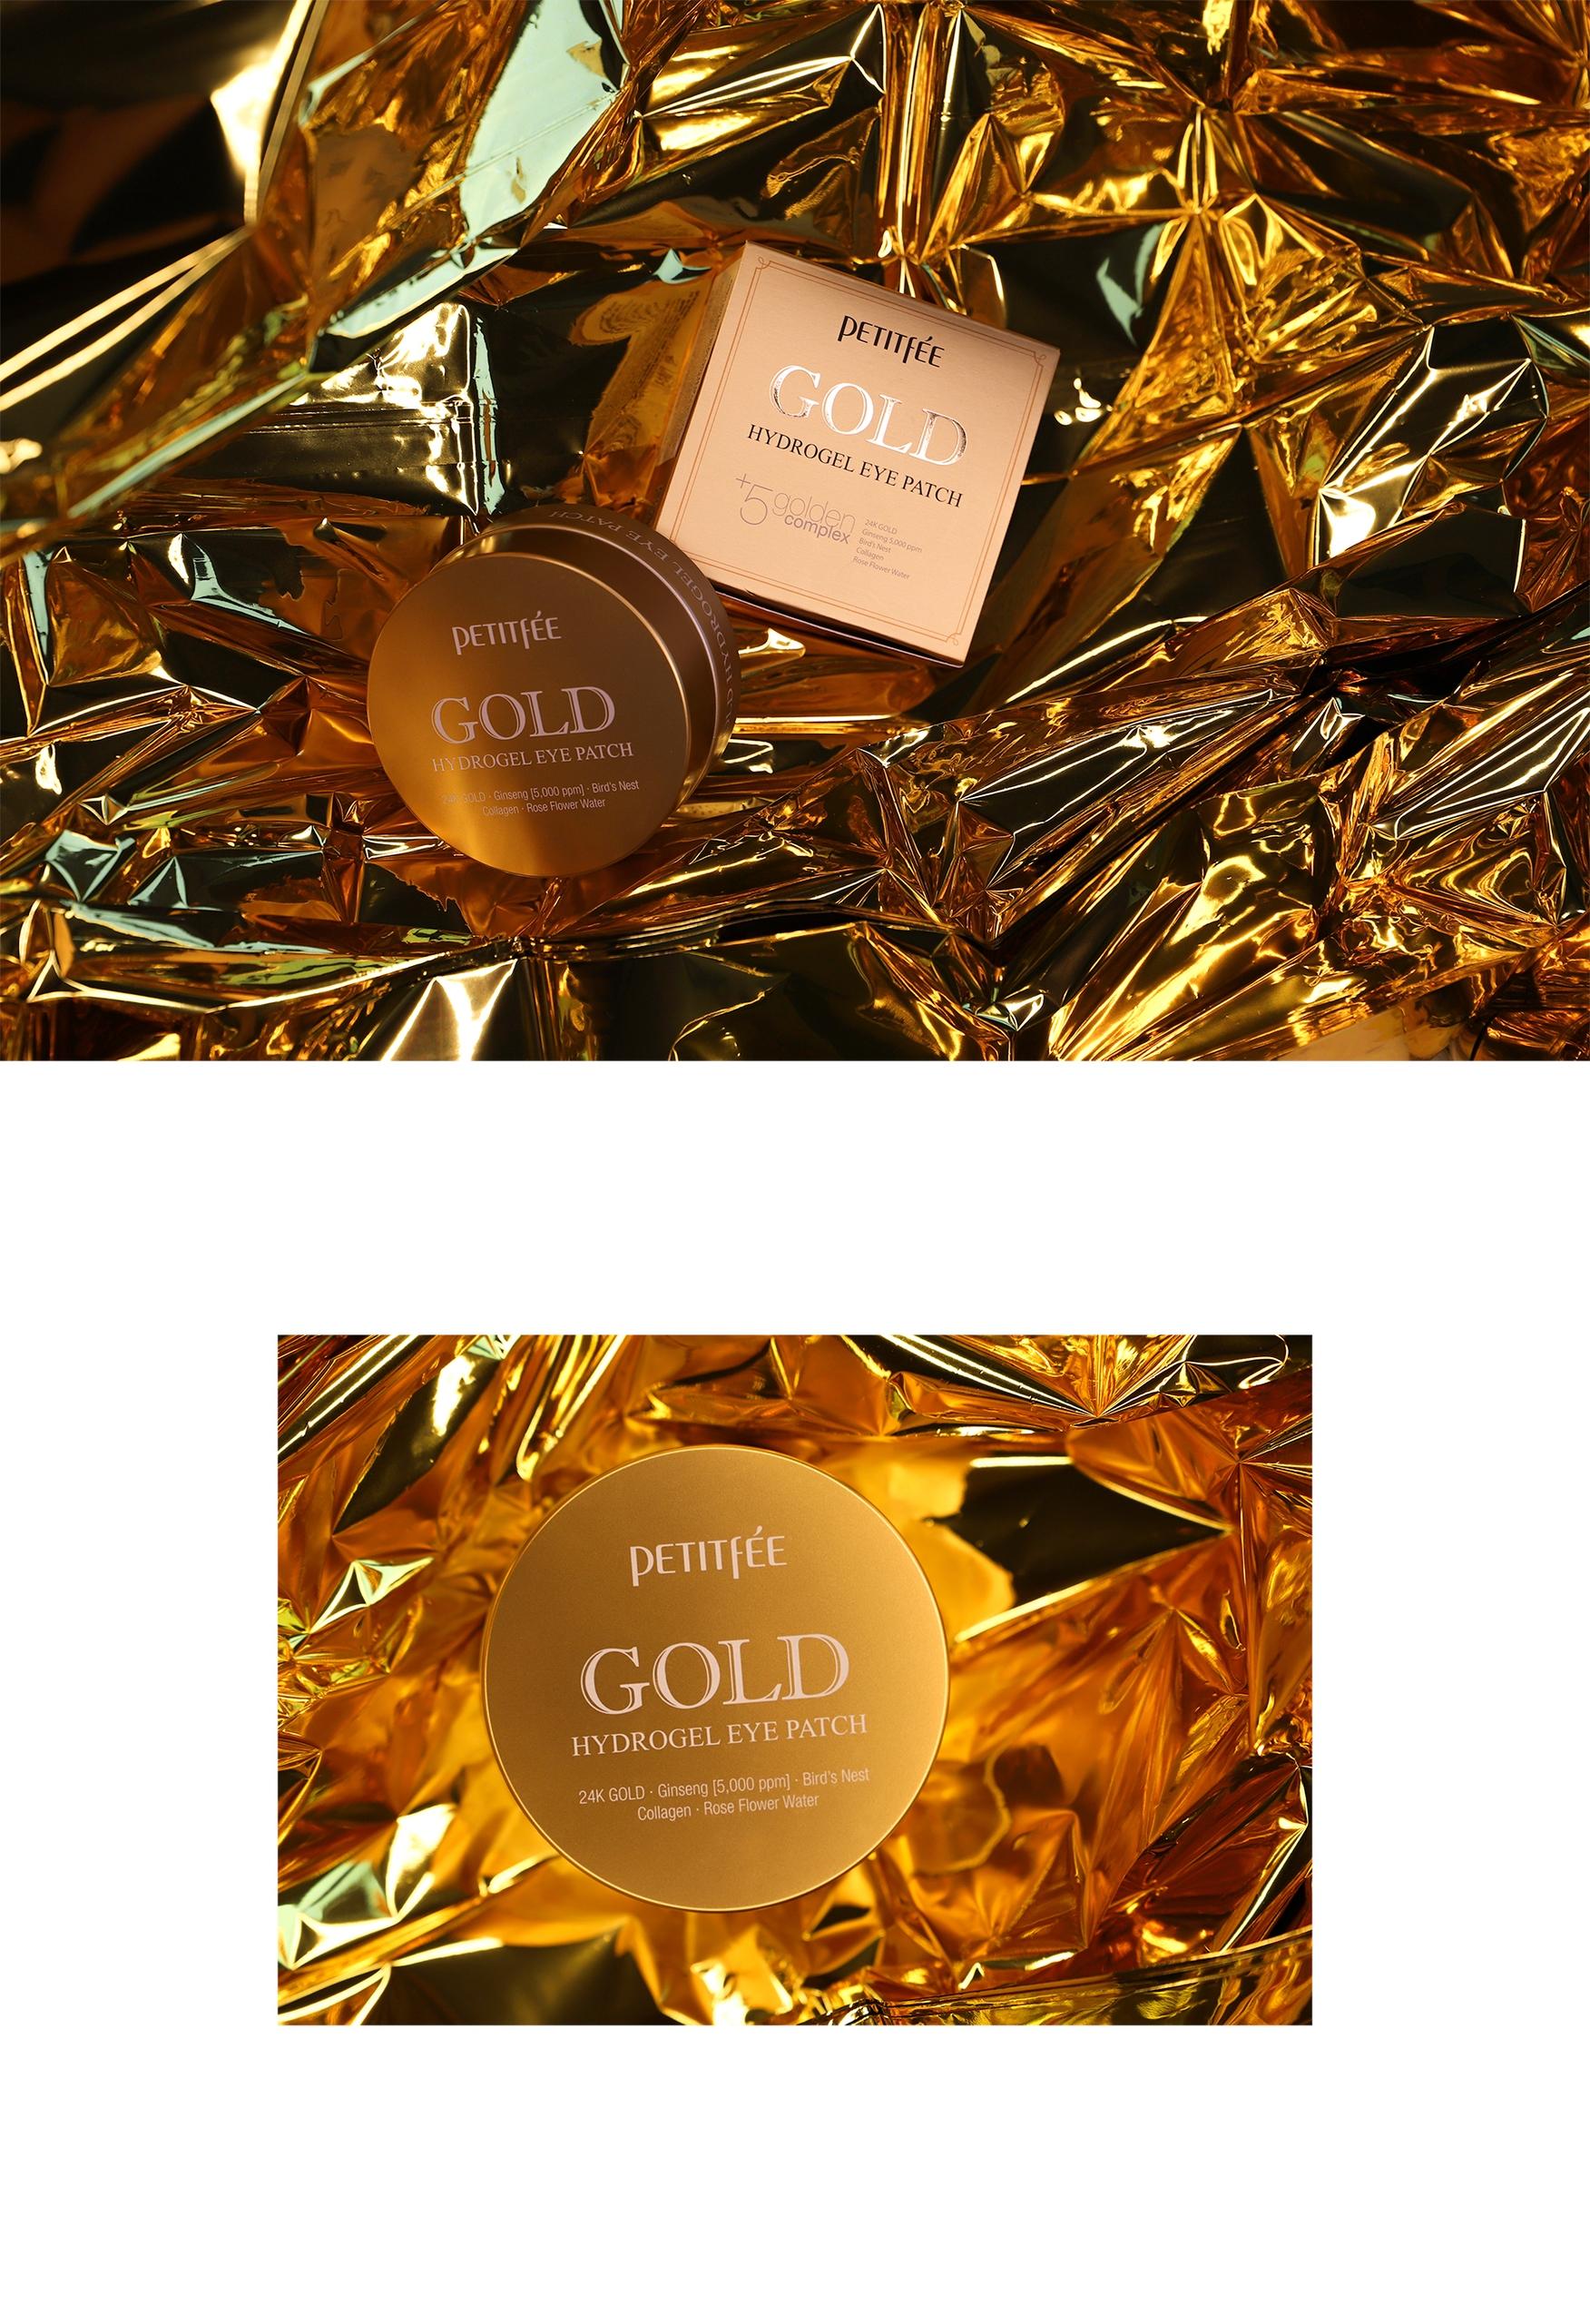 Obraz przedstawia dwa zdjęcia kosmetyku leżącego na złotej folii.